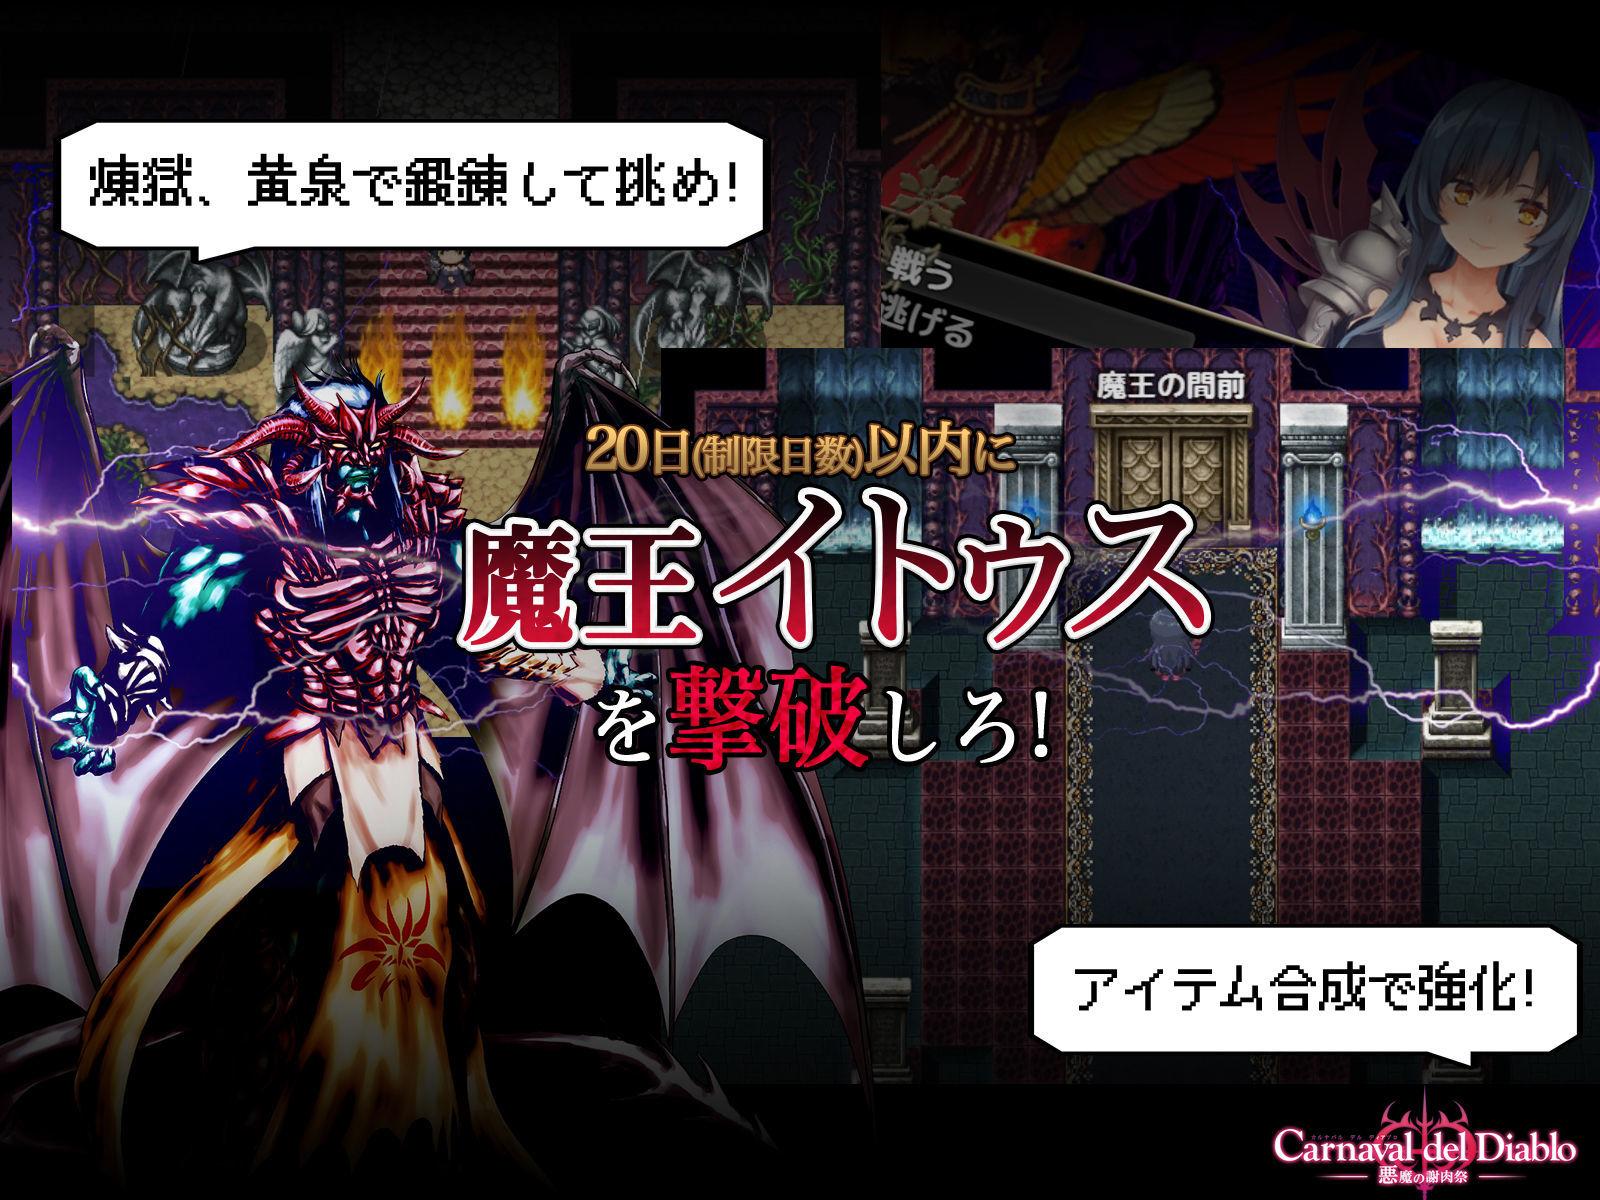 【スライム定食 同人】CarnavaldelDiablo~悪魔の謝肉祭~